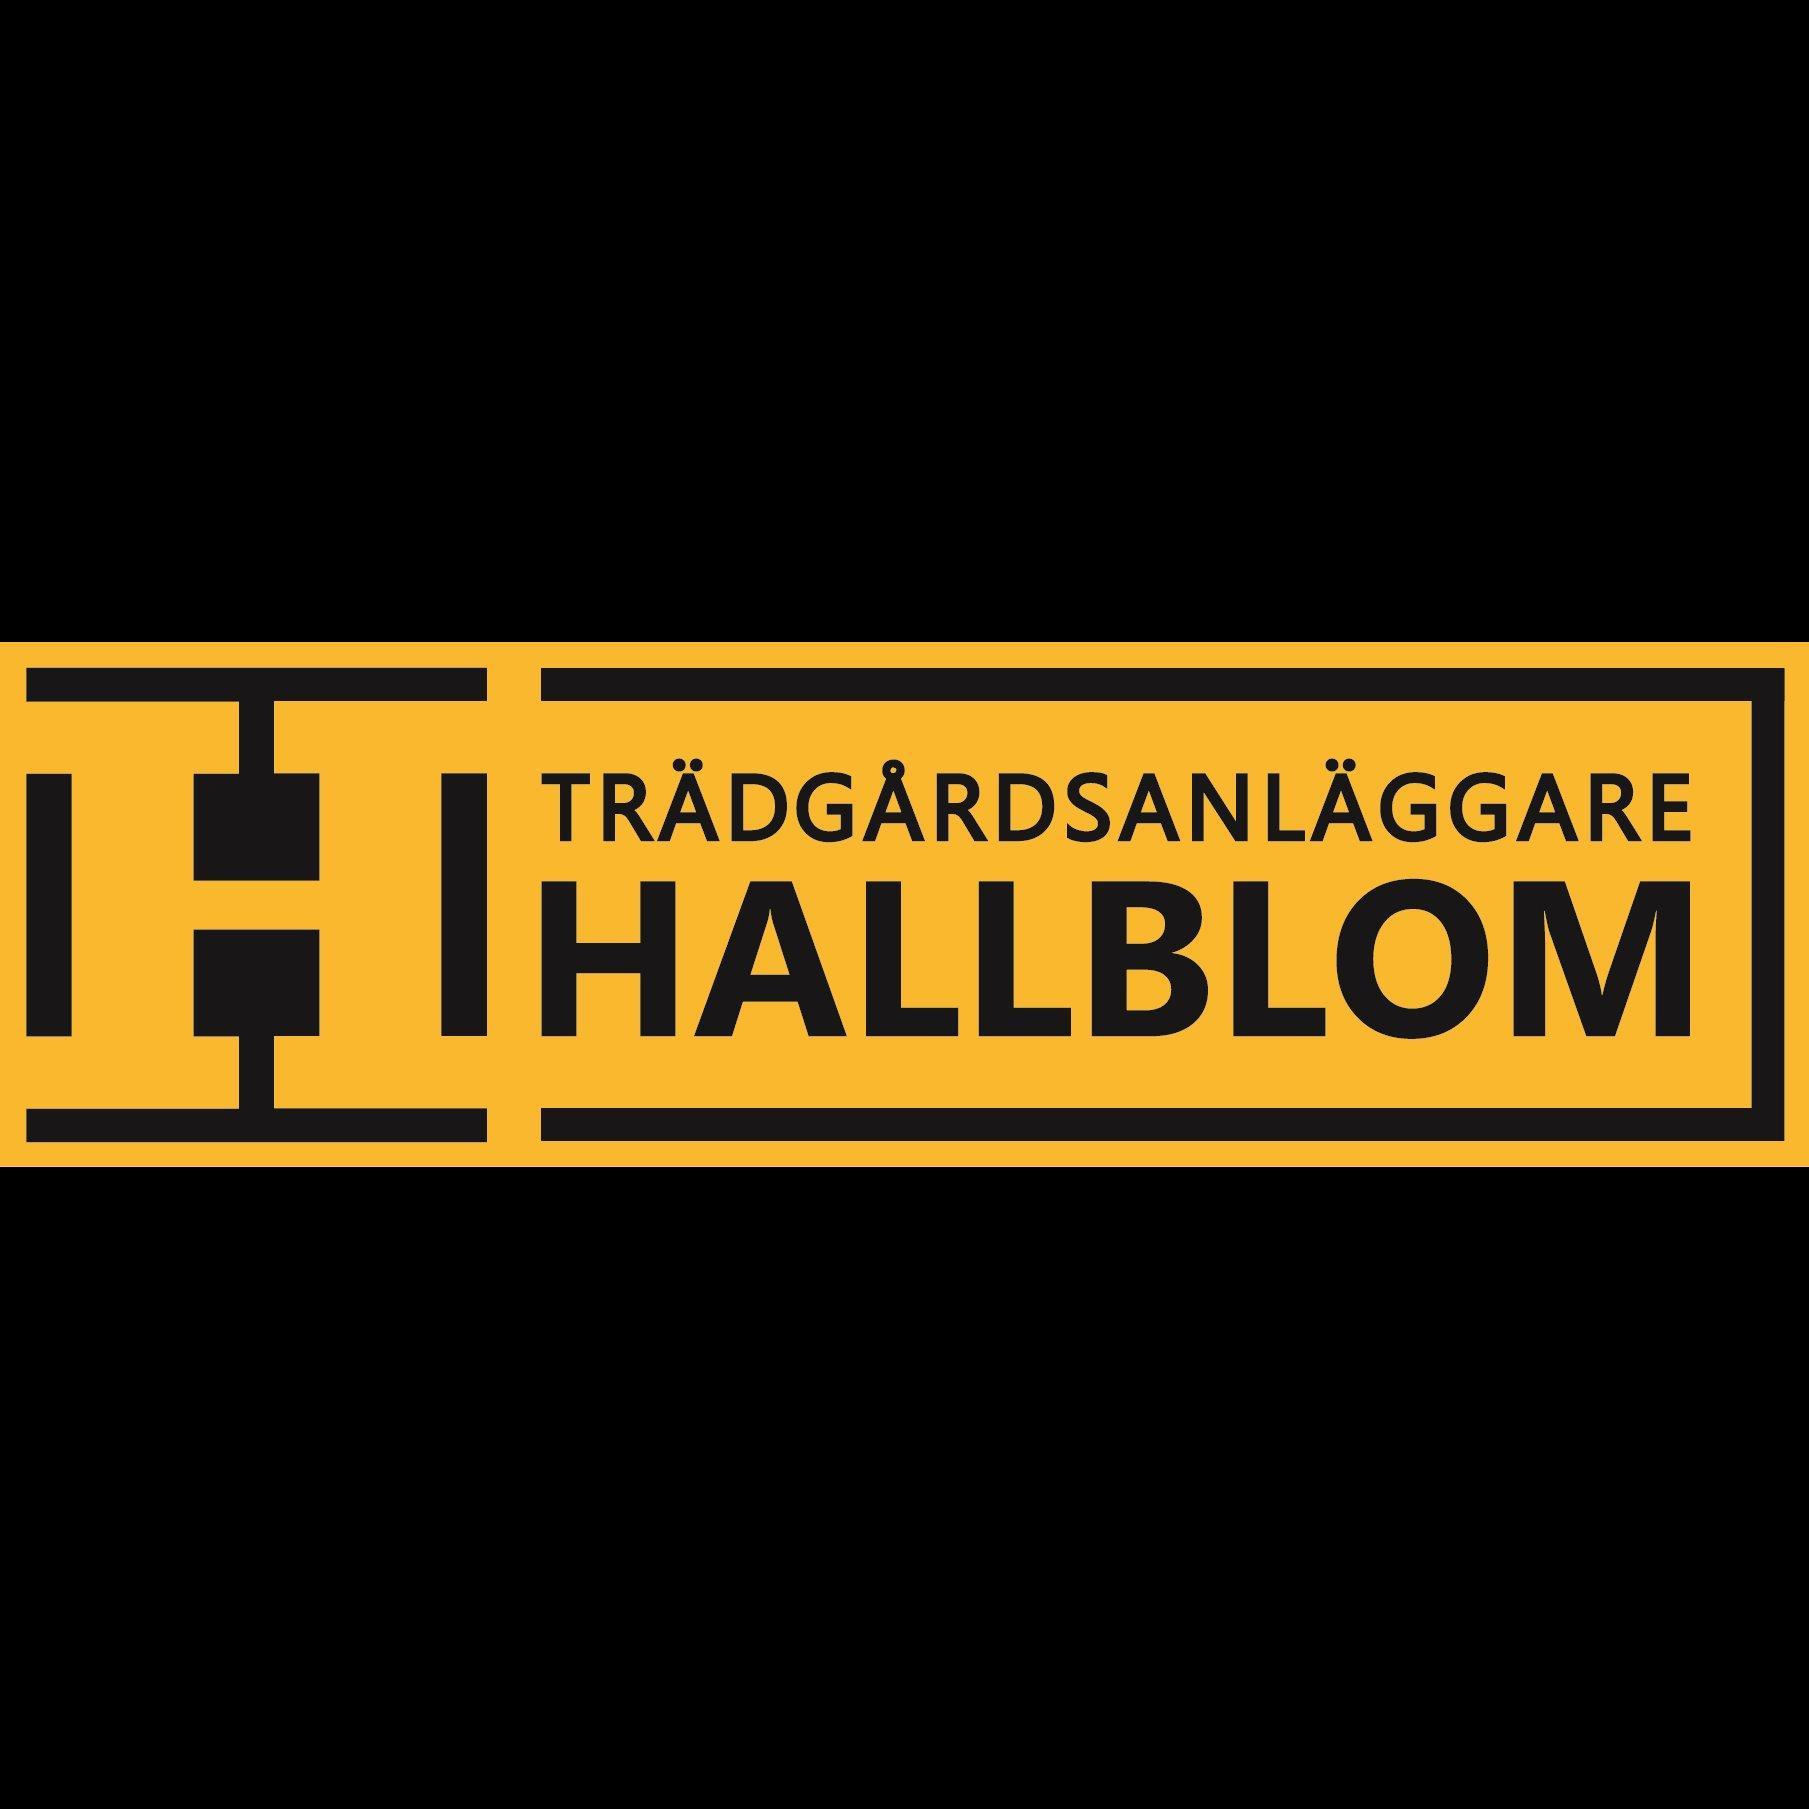 Trädgårdsanläggare Hallblom AB